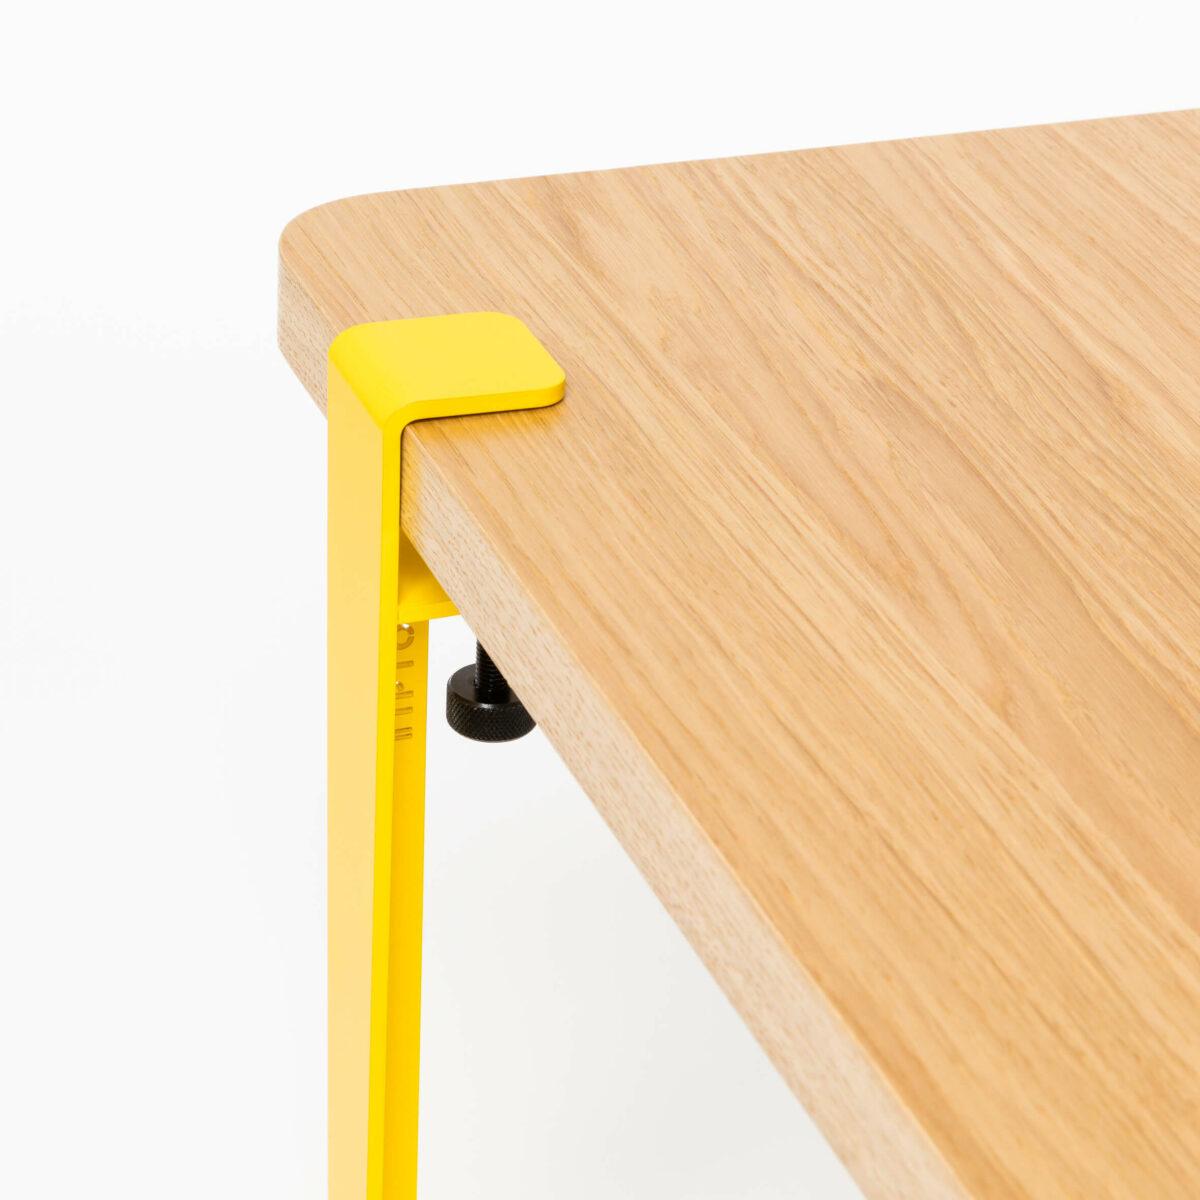 Pied de table basse modulable tiptoe livraison rapide serre joint - Creer une table basse ...